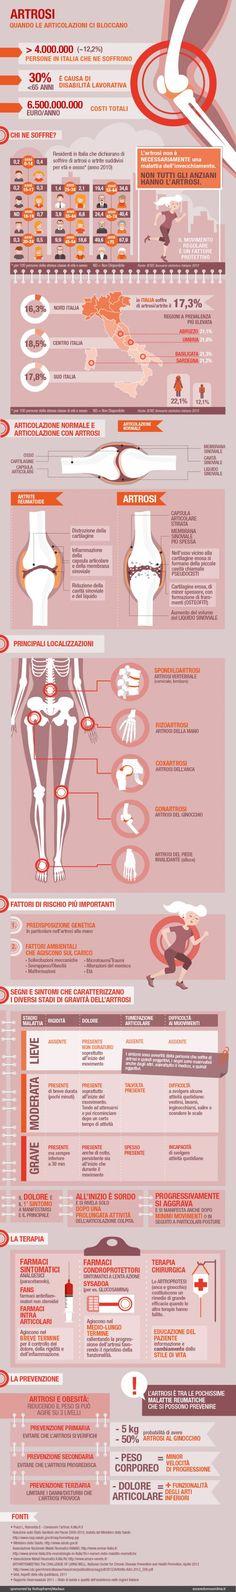 Artrosi: quando le articolazioni ci bloccano - Alice Borghi per Esseredonnaonline